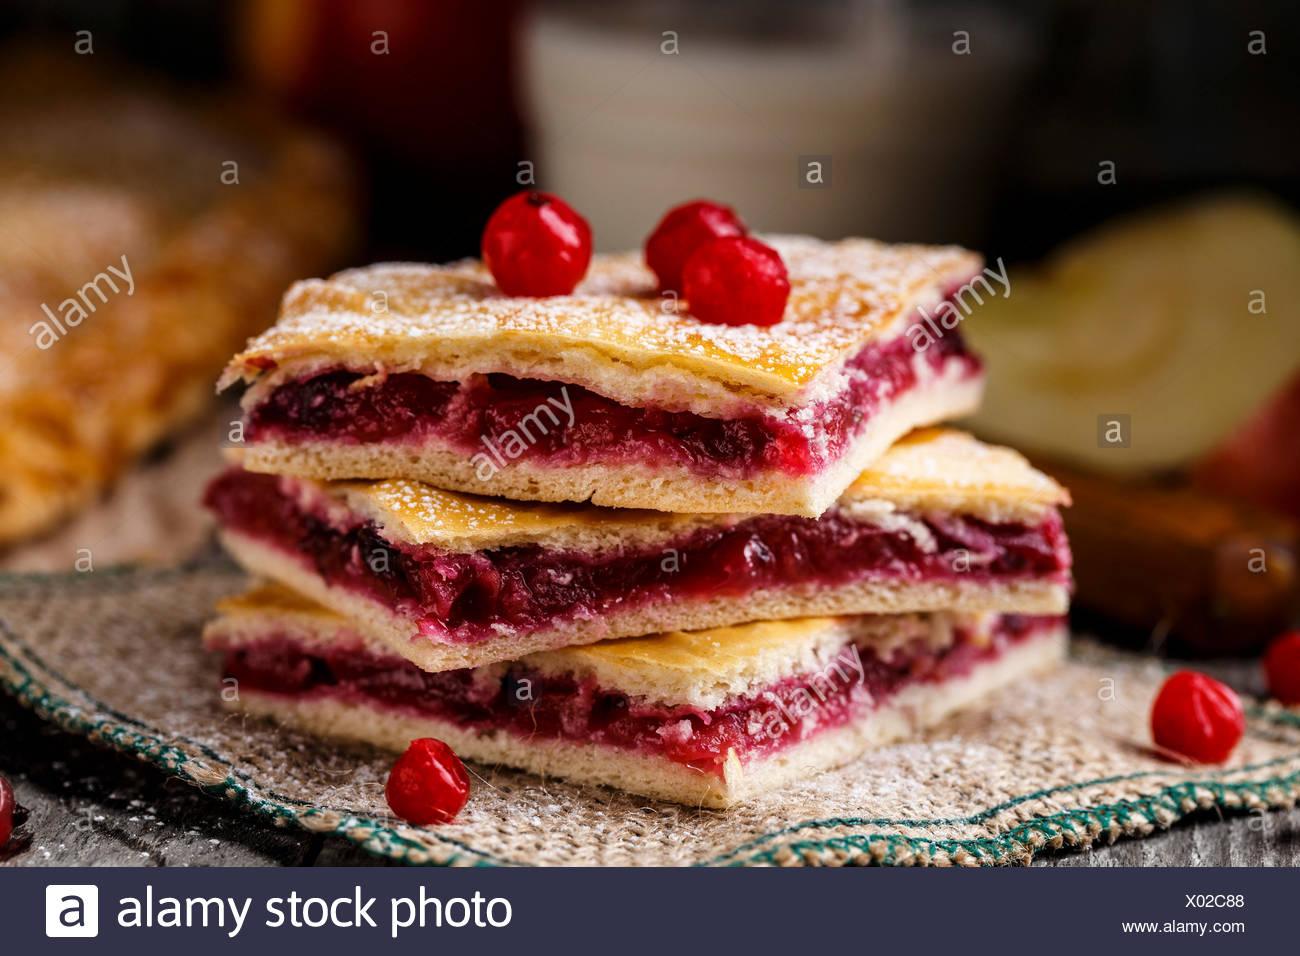 Leckere hausgemachte Kuchen, gefüllt mit Preiselbeeren und Apfel Stockbild